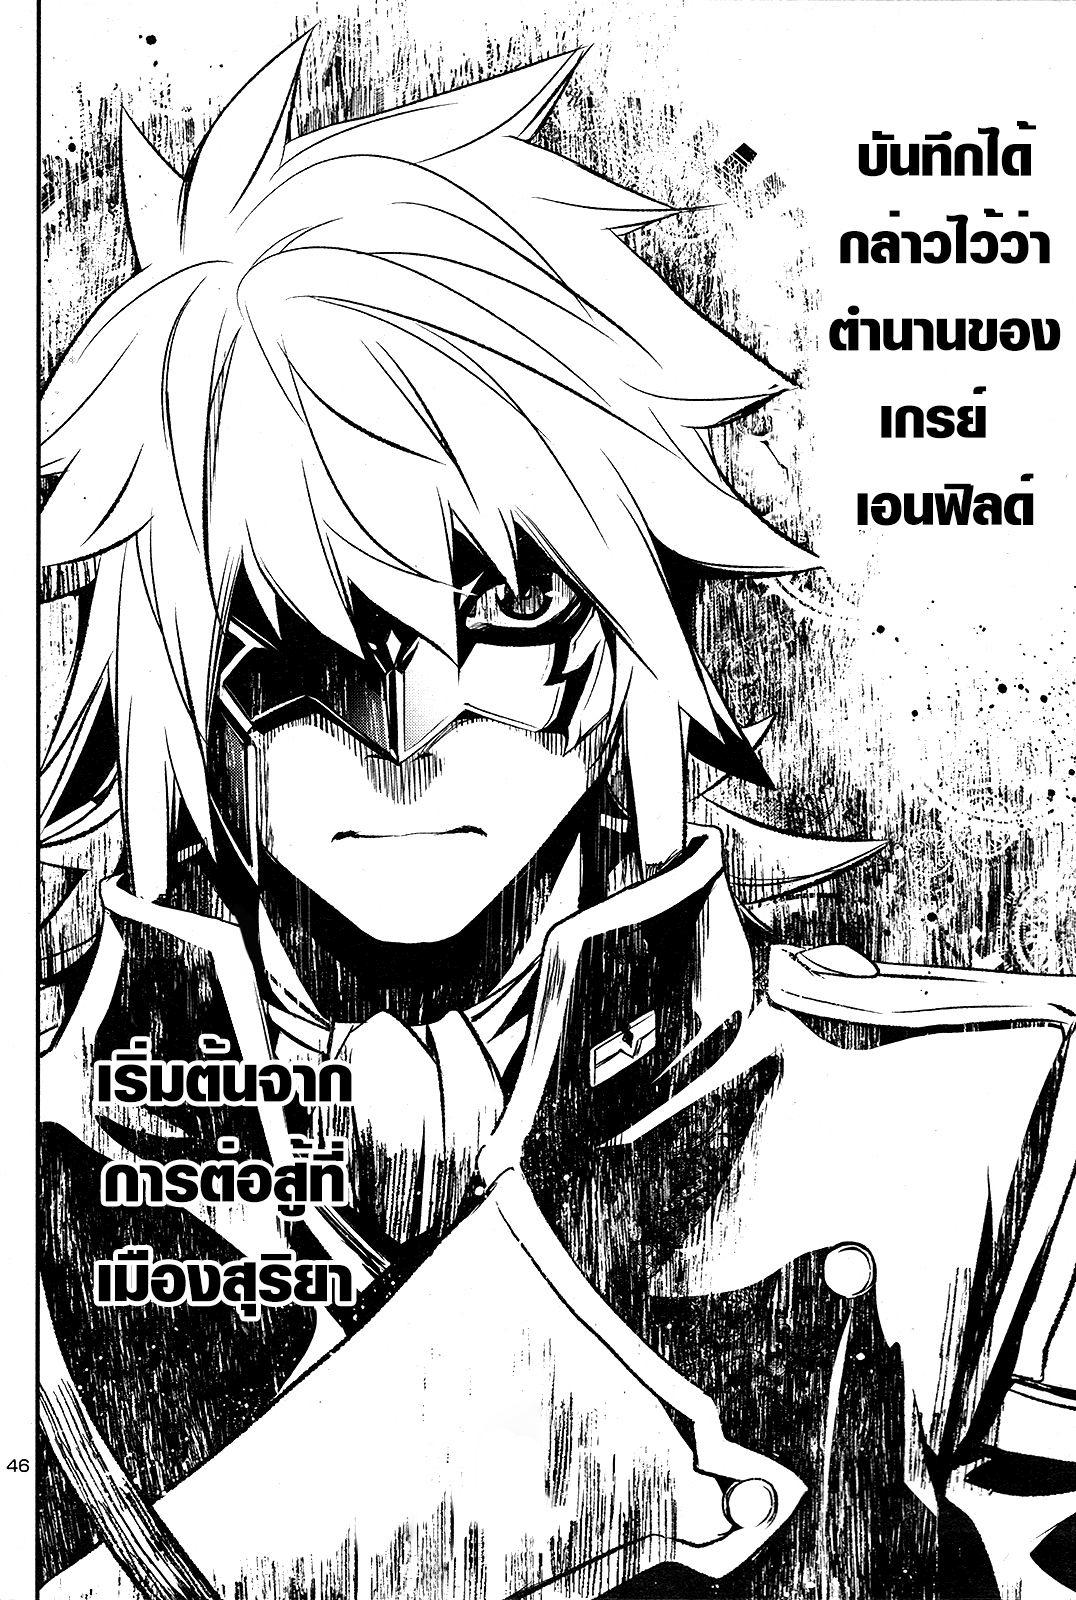 อ่านการ์ตูน Shinju no Nectar ตอนที่ 4 หน้าที่ 46